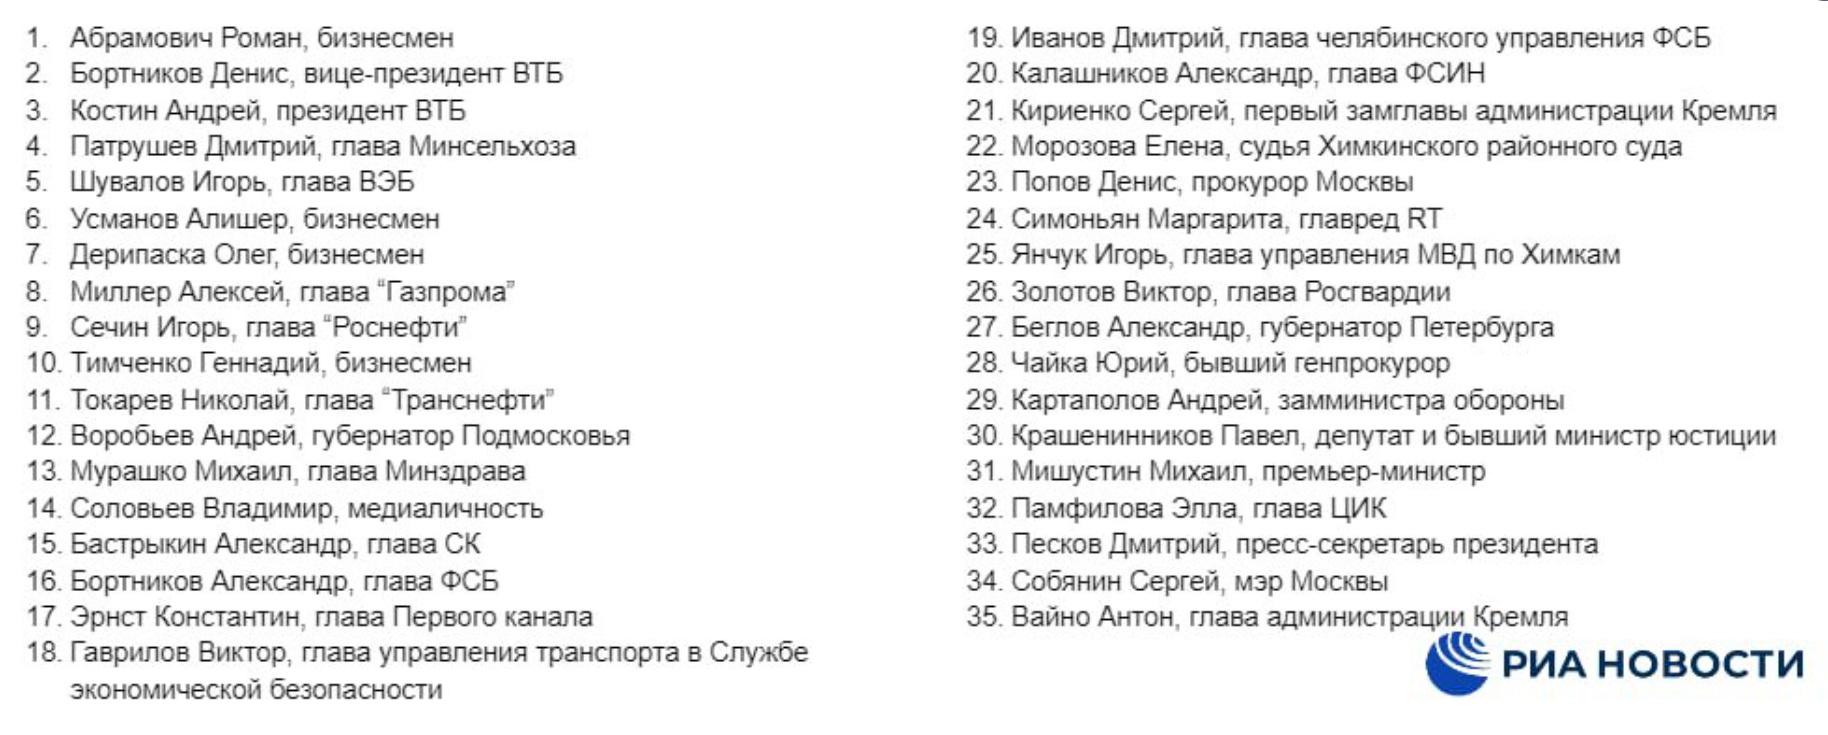 список чиновников из окружения Путина